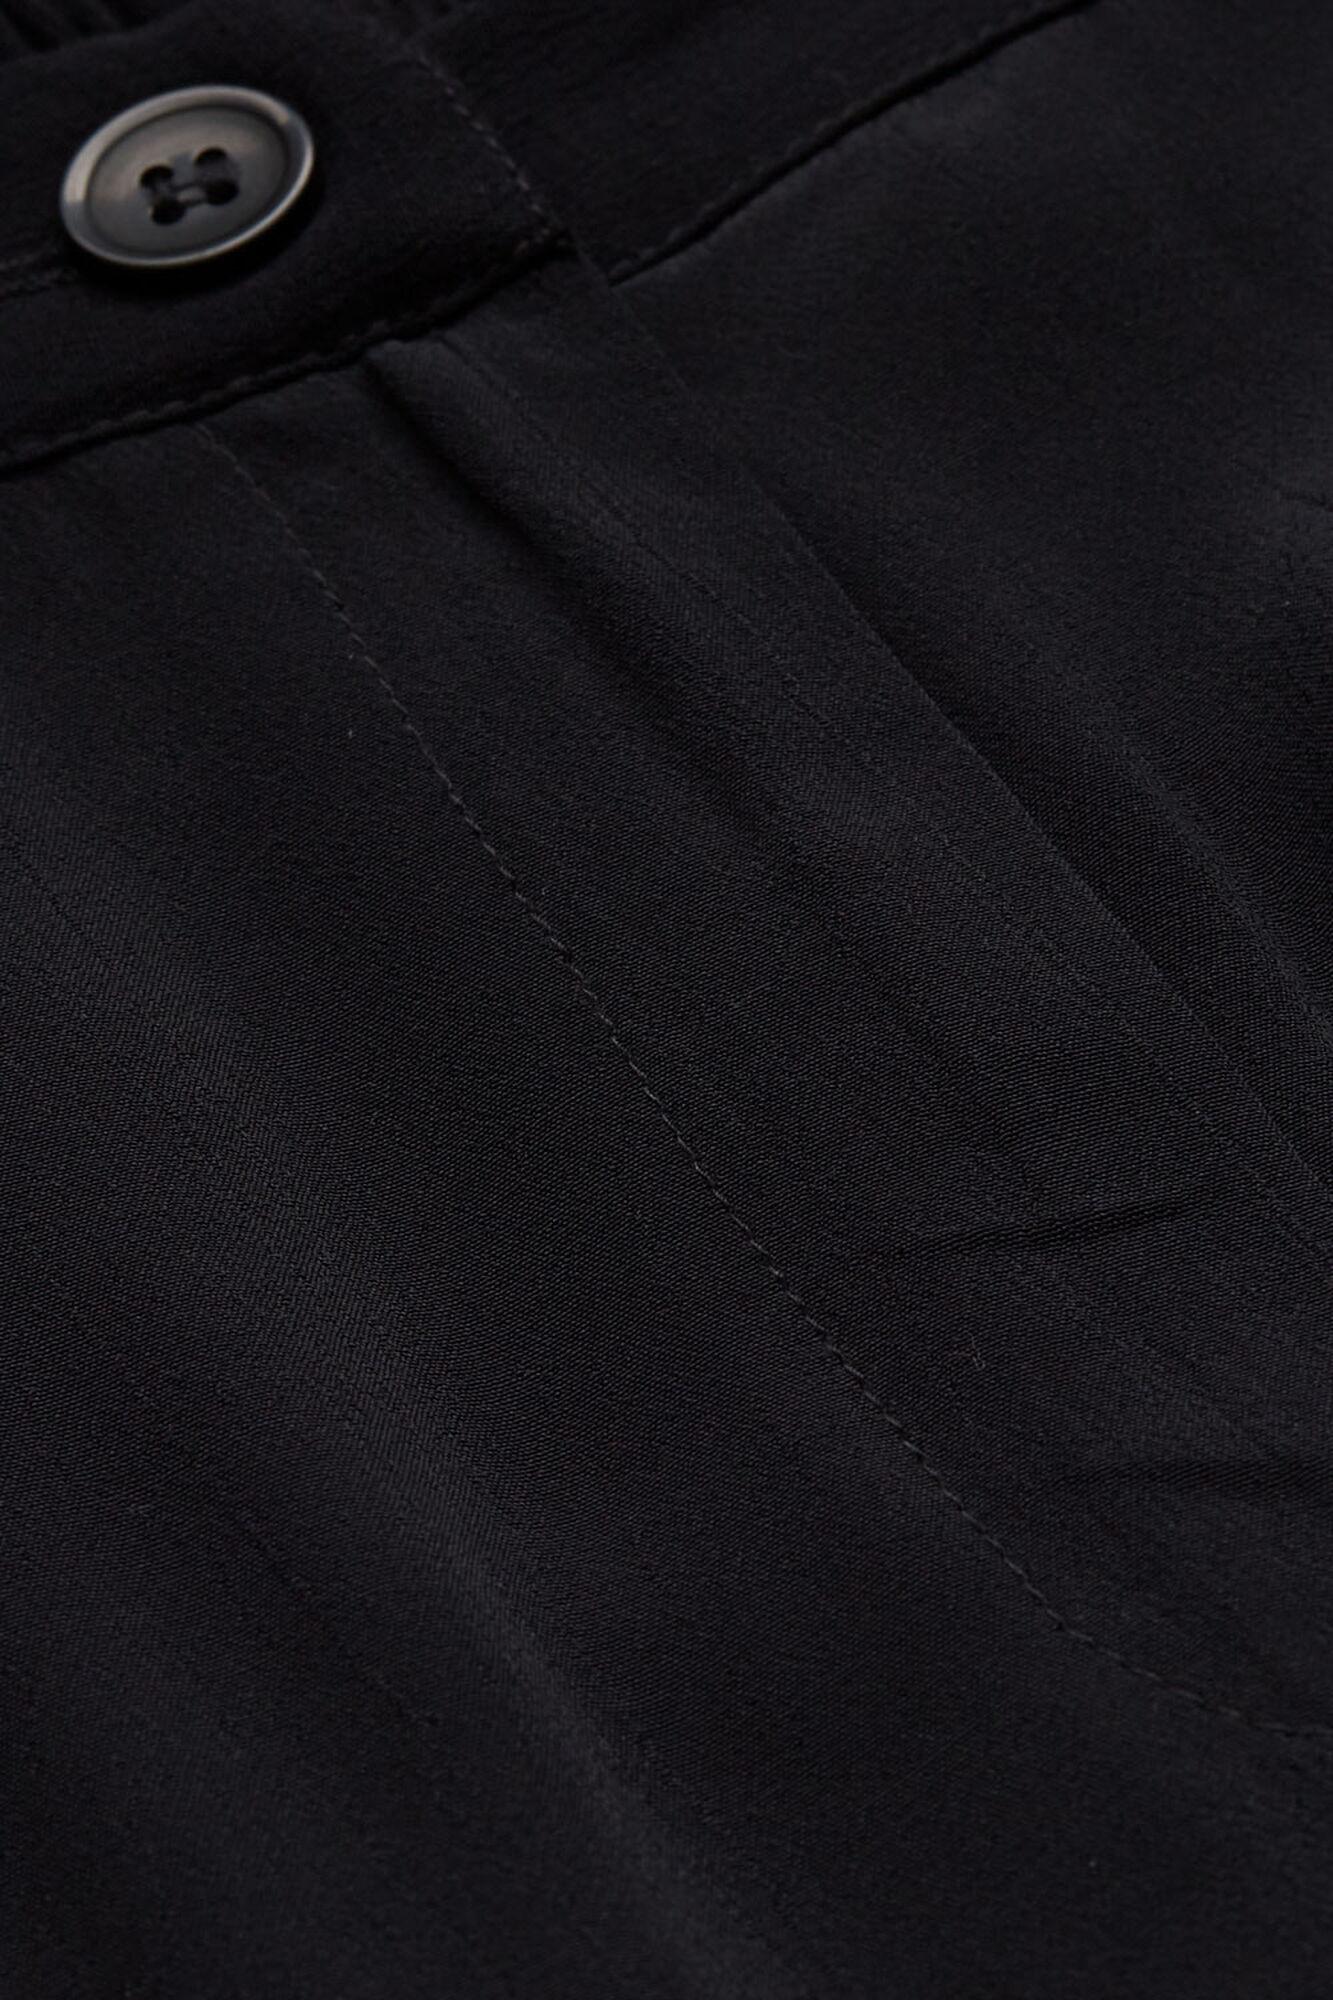 PERINUS BYXOR, Black, hi-res